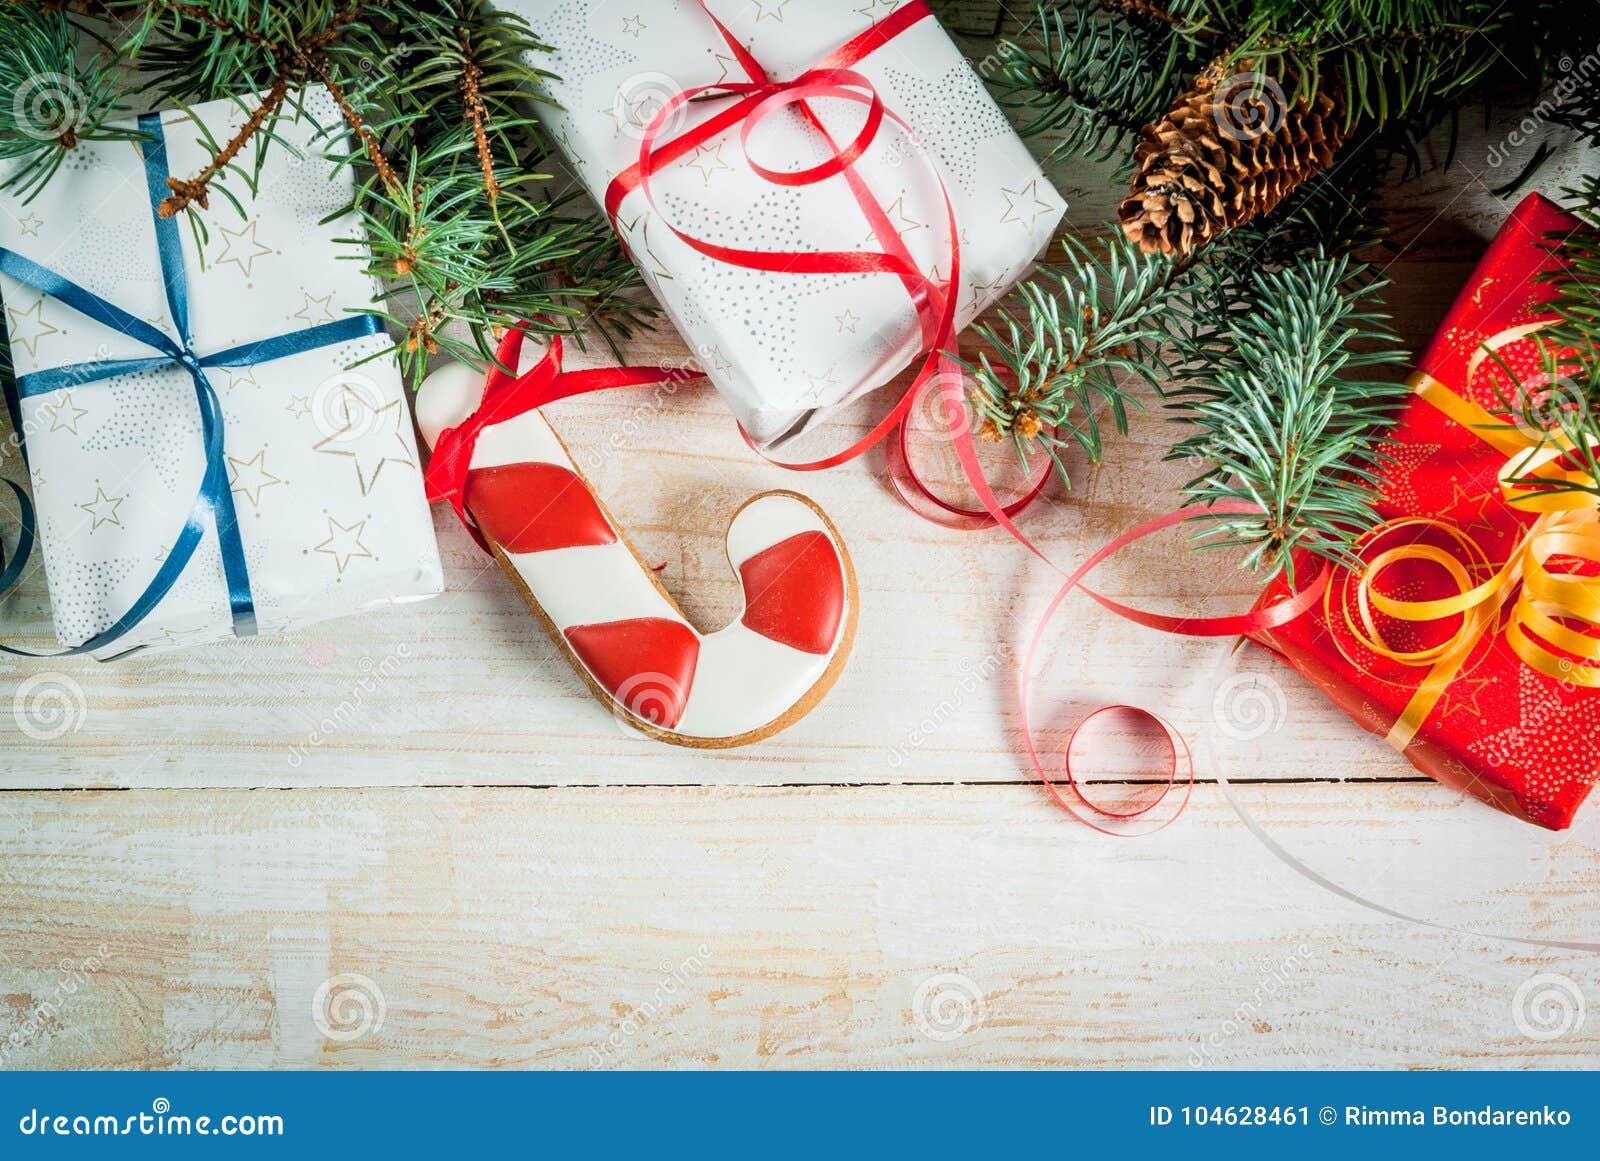 Download Feestelijke Kerstmisachtergrond Stock Afbeelding - Afbeelding bestaande uit spar, achtergrond: 104628461